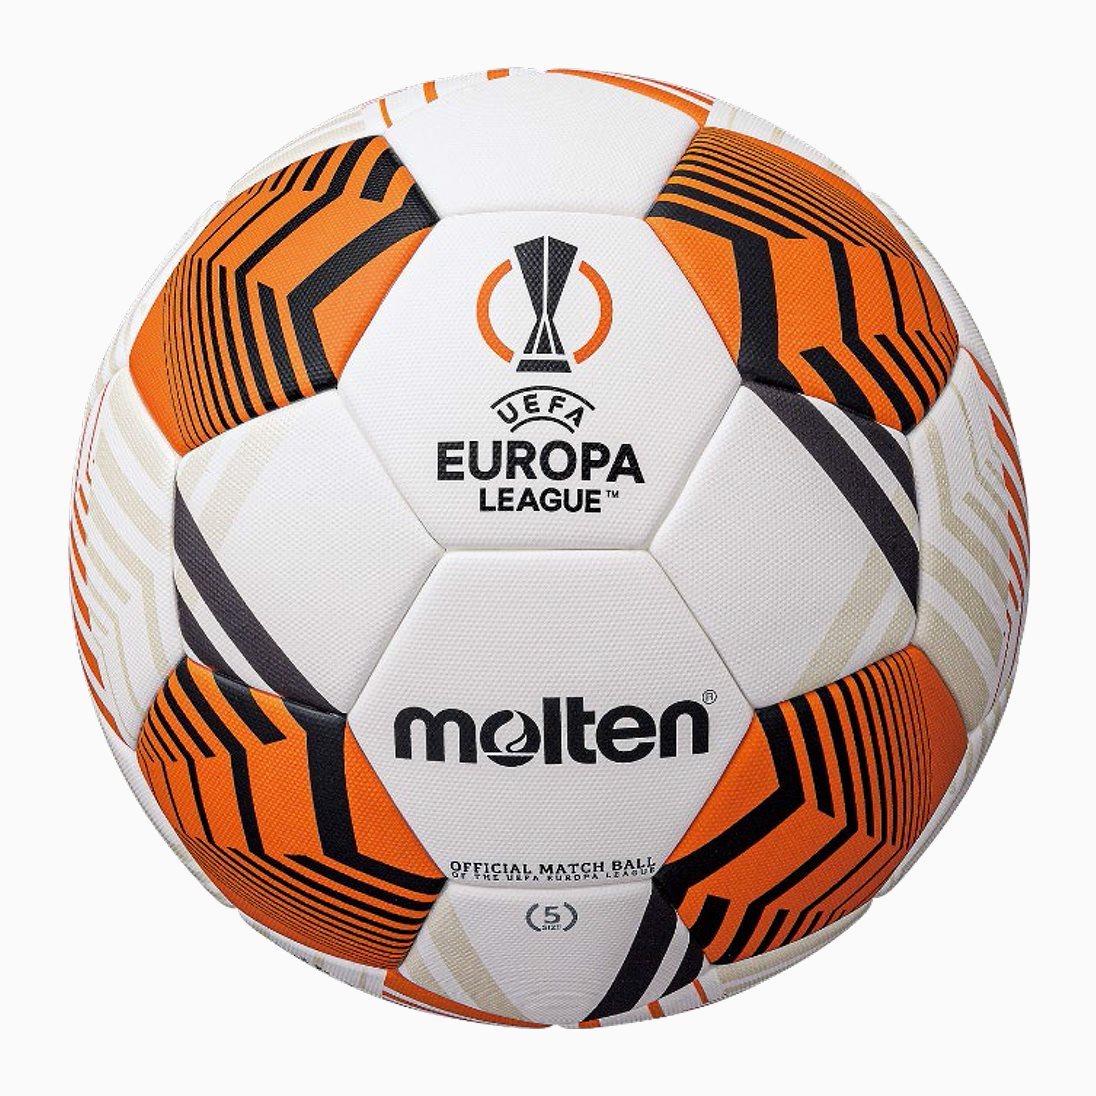 Ballon Europa League Molten